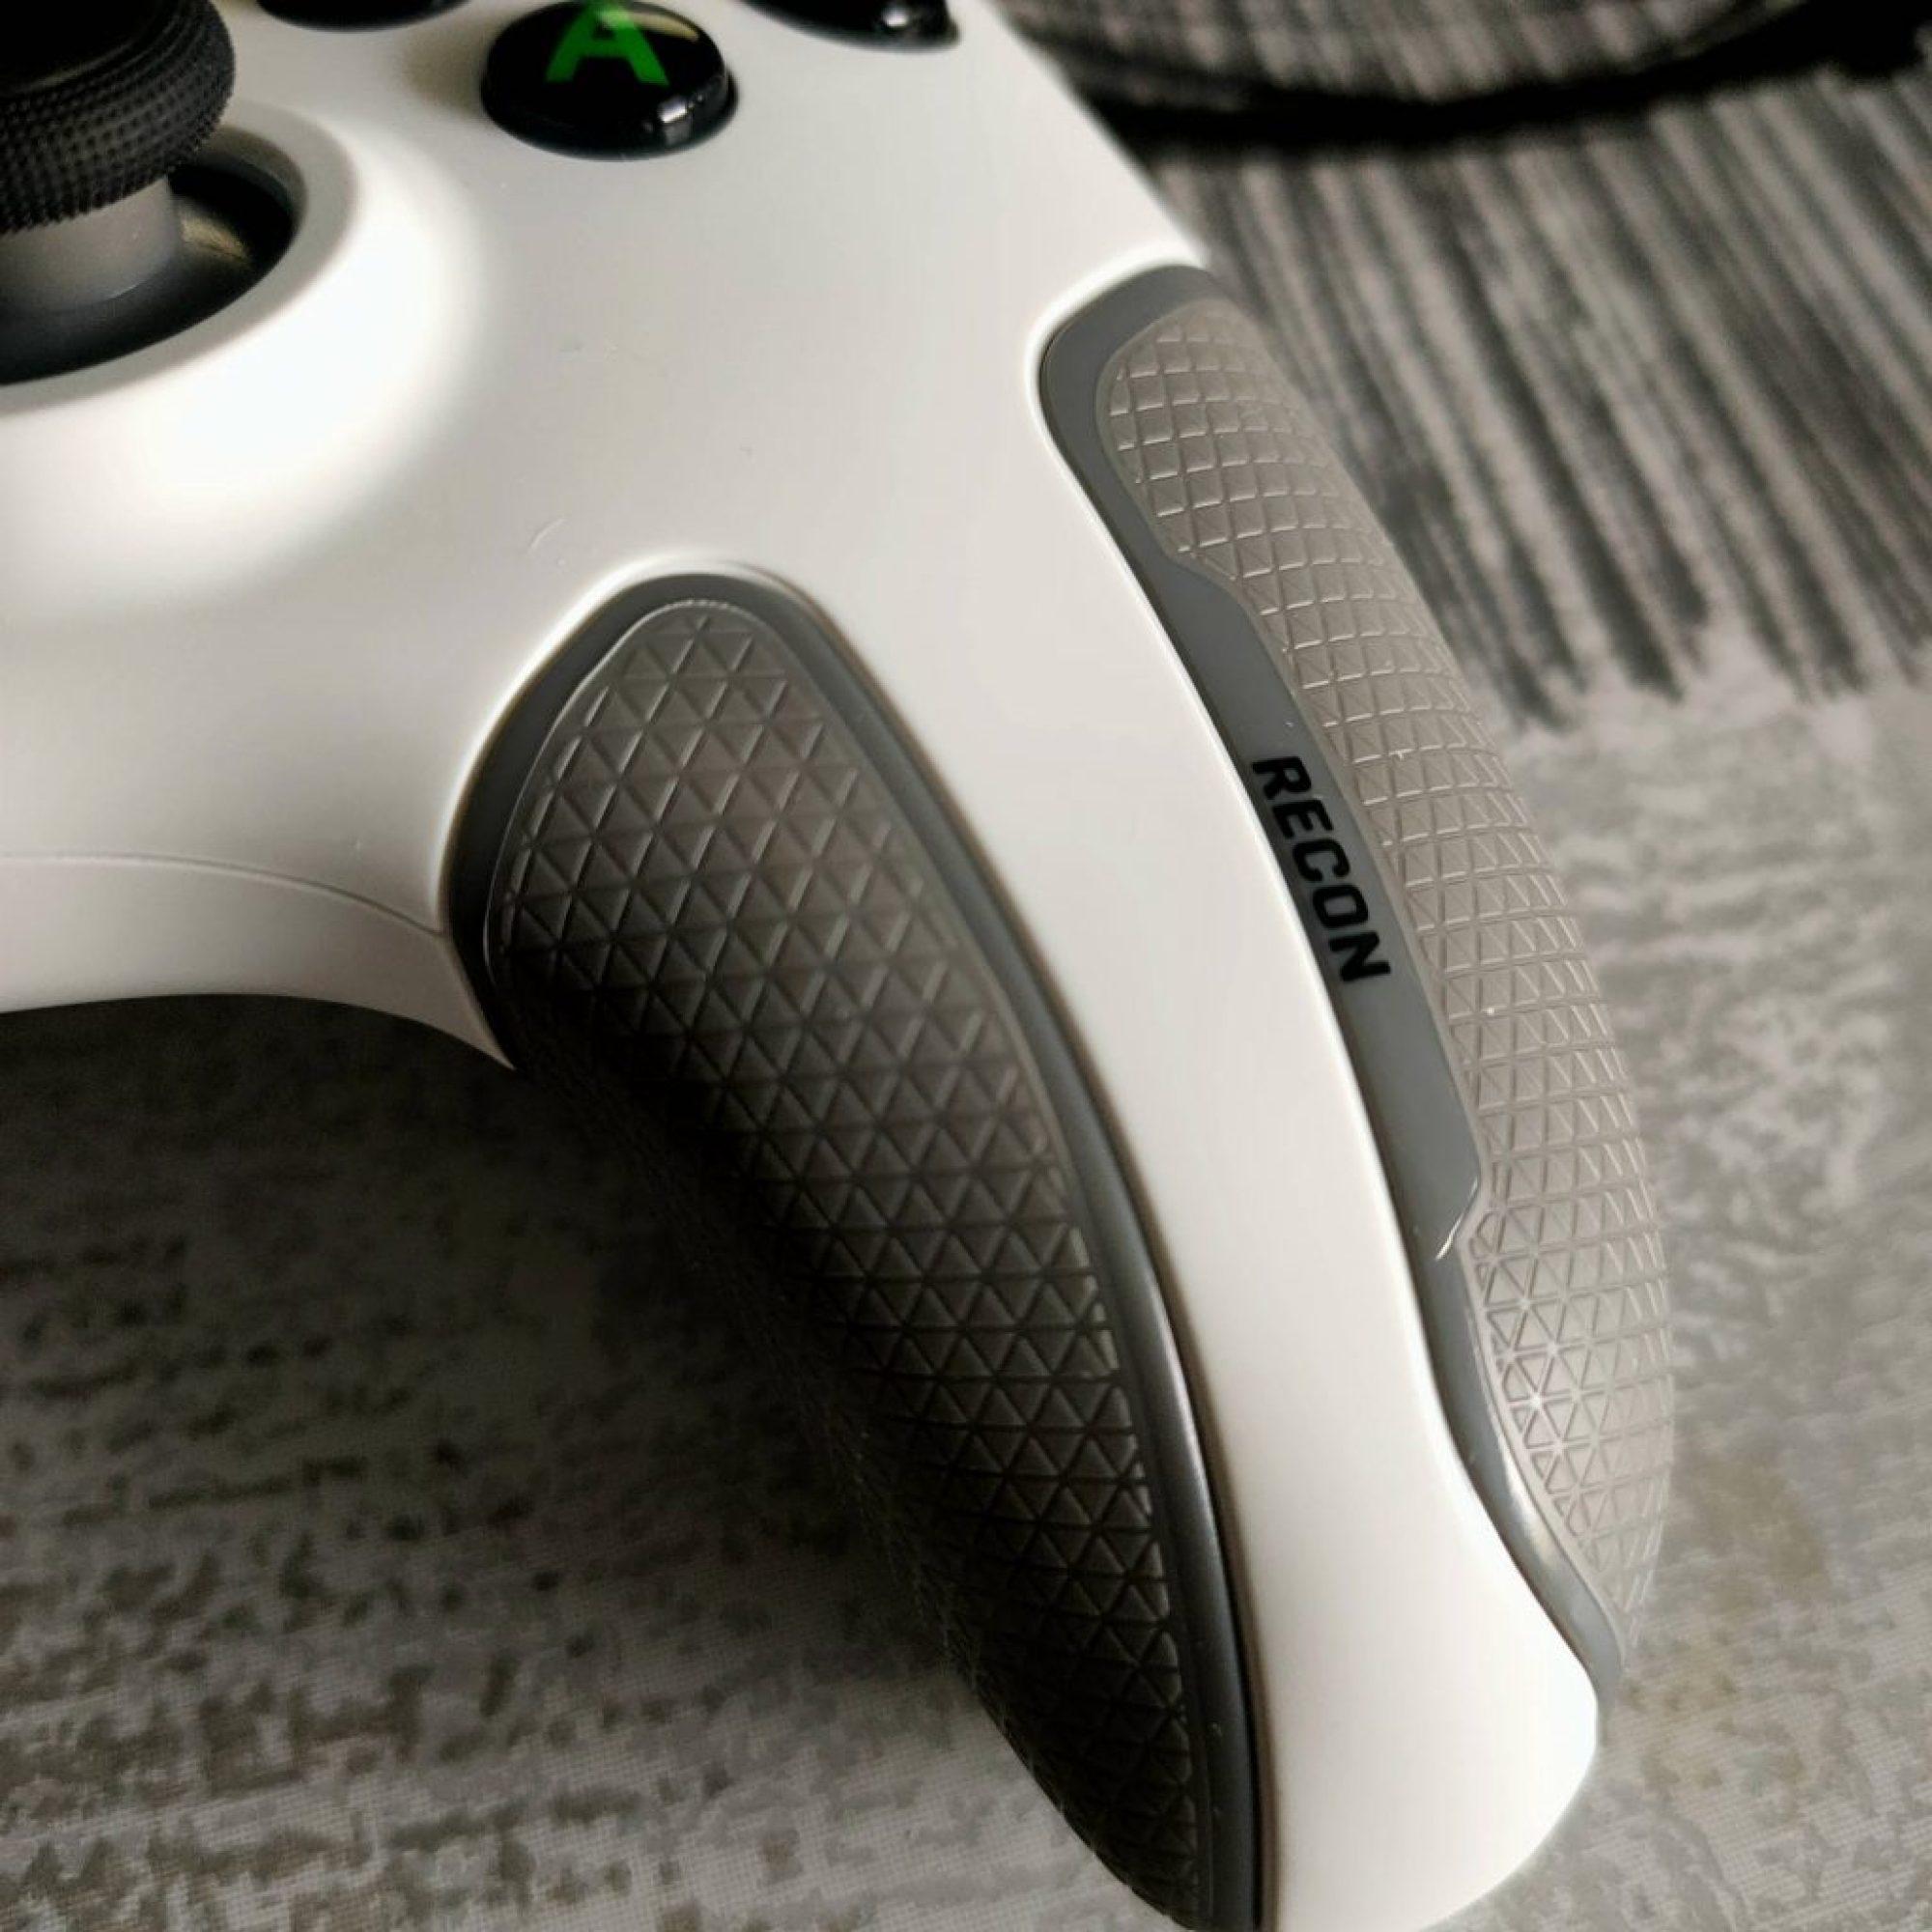 IMG20210902083825-1024x1024 Présentation de la manette Recon Controller de Turtle beach pour Xbox !